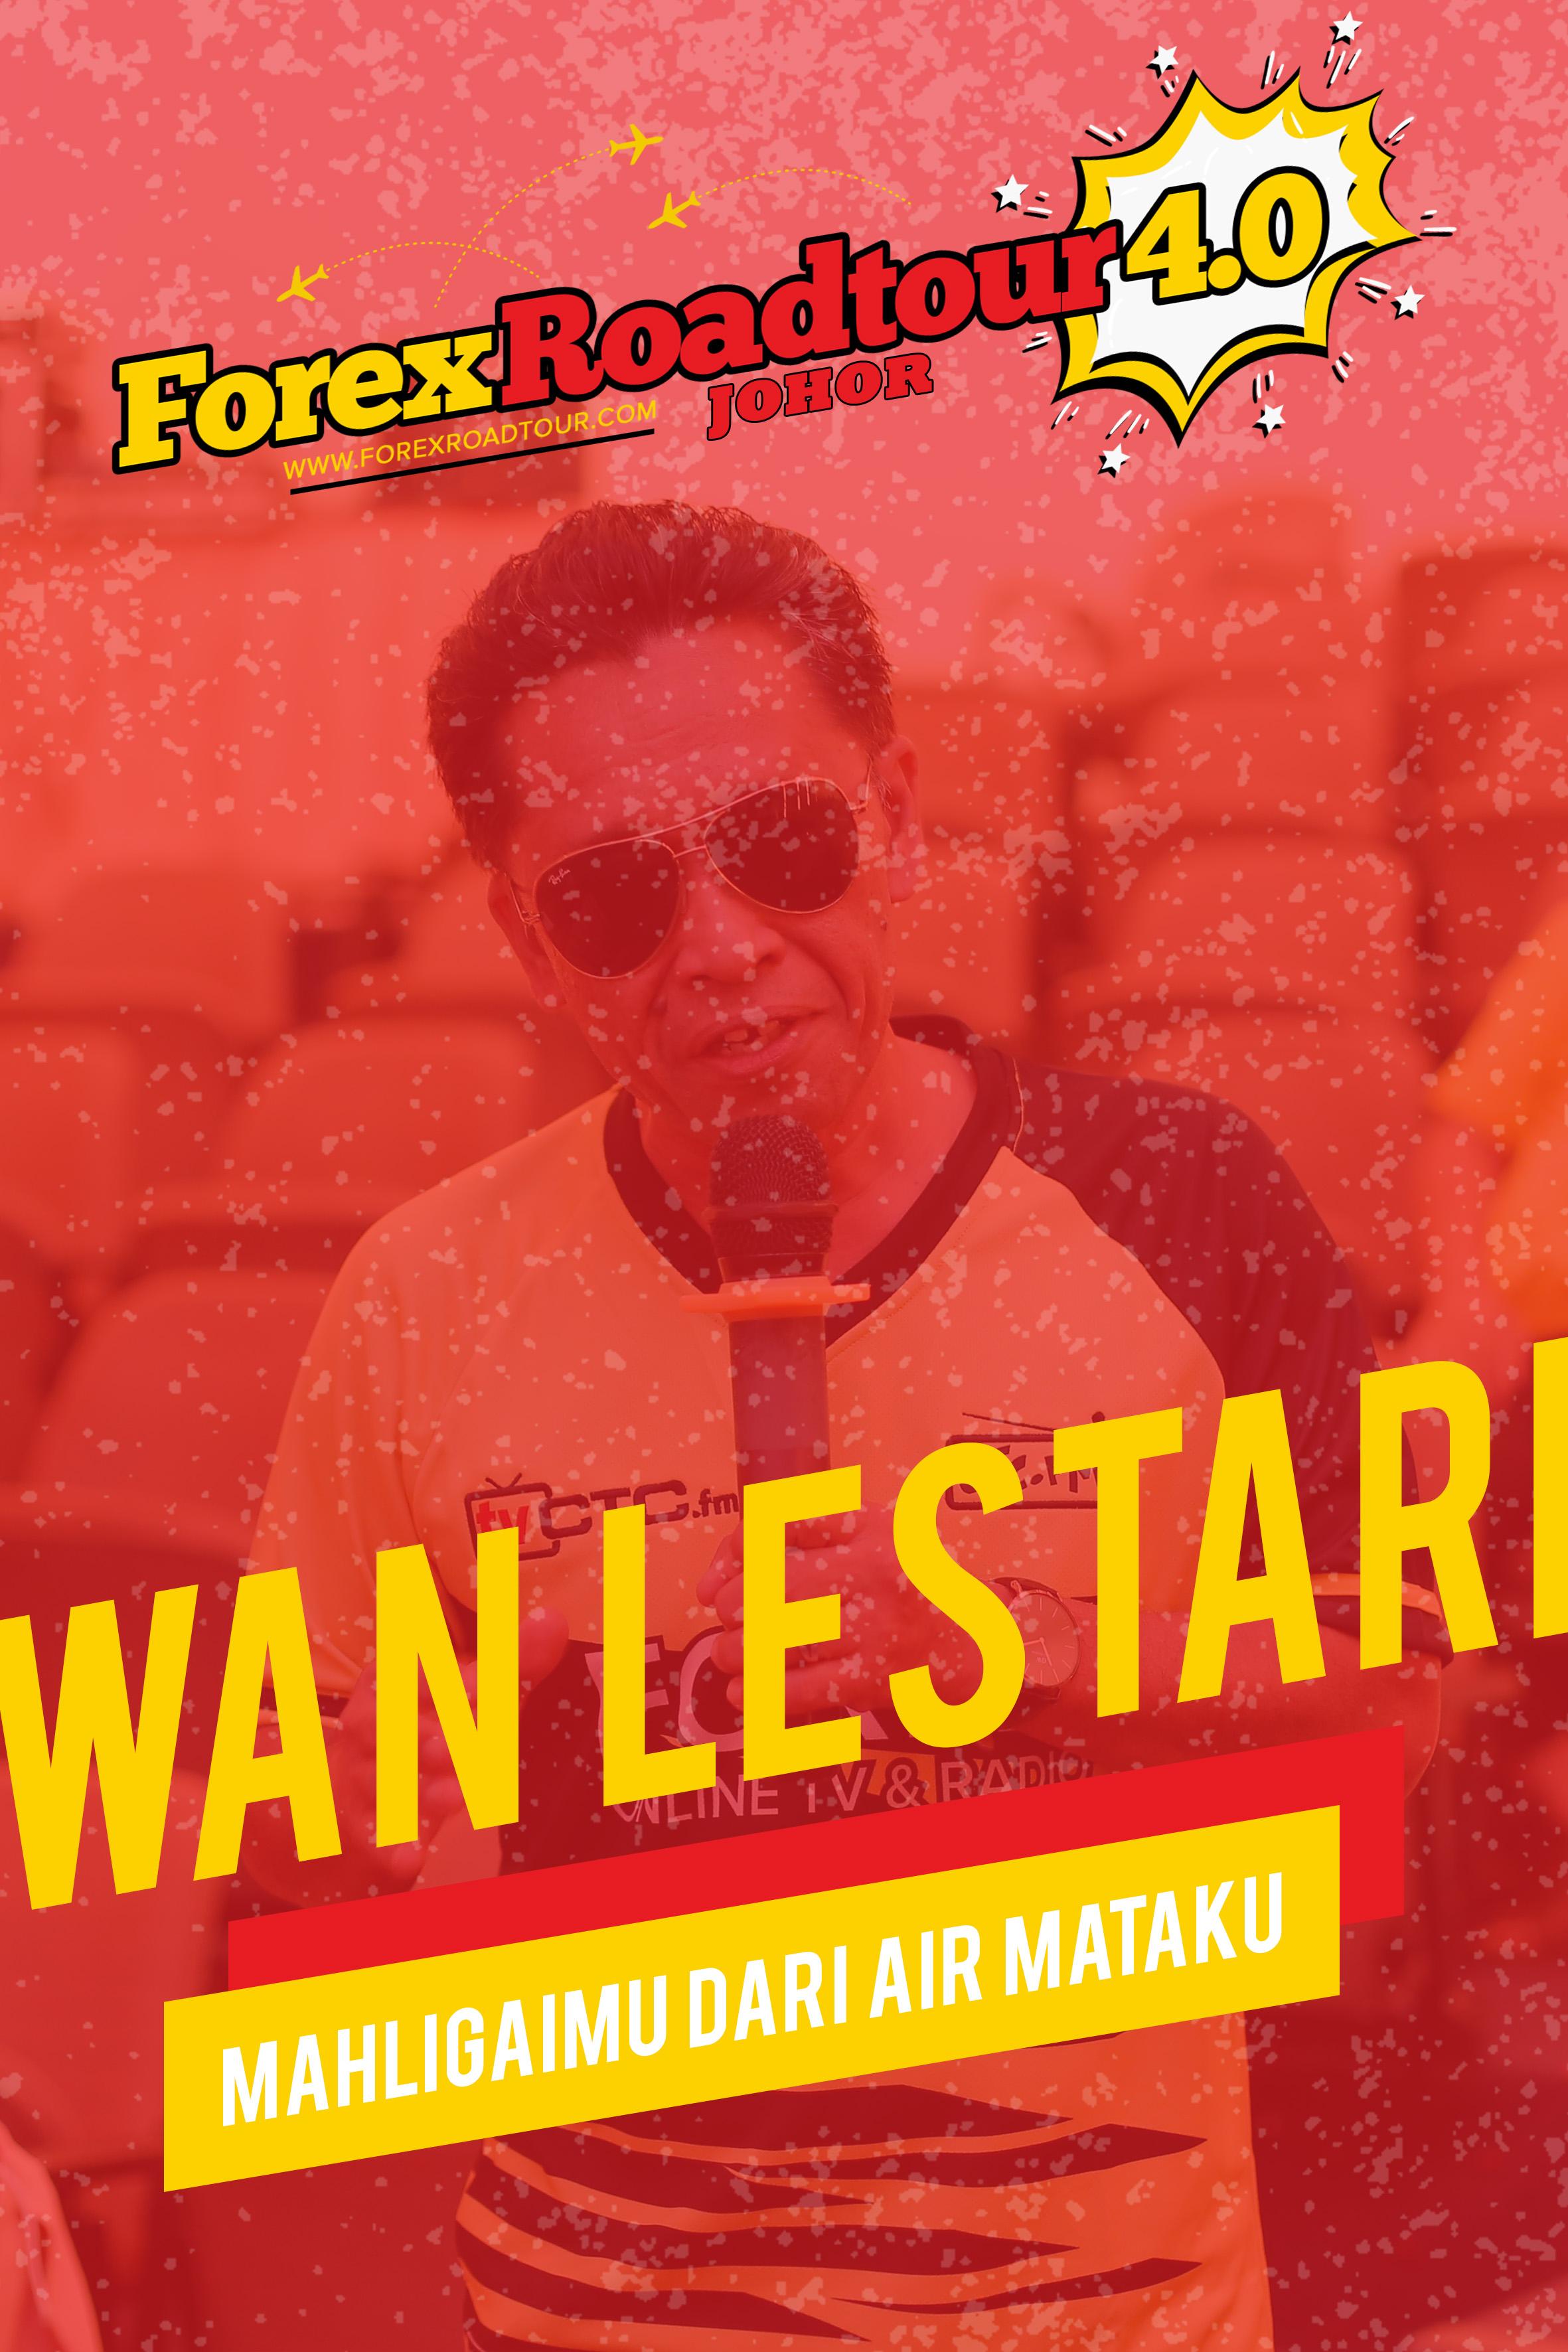 Wan Lestari - Mahligaimu dari Air Mataku [Forex Roadtour 4.0 Johor]